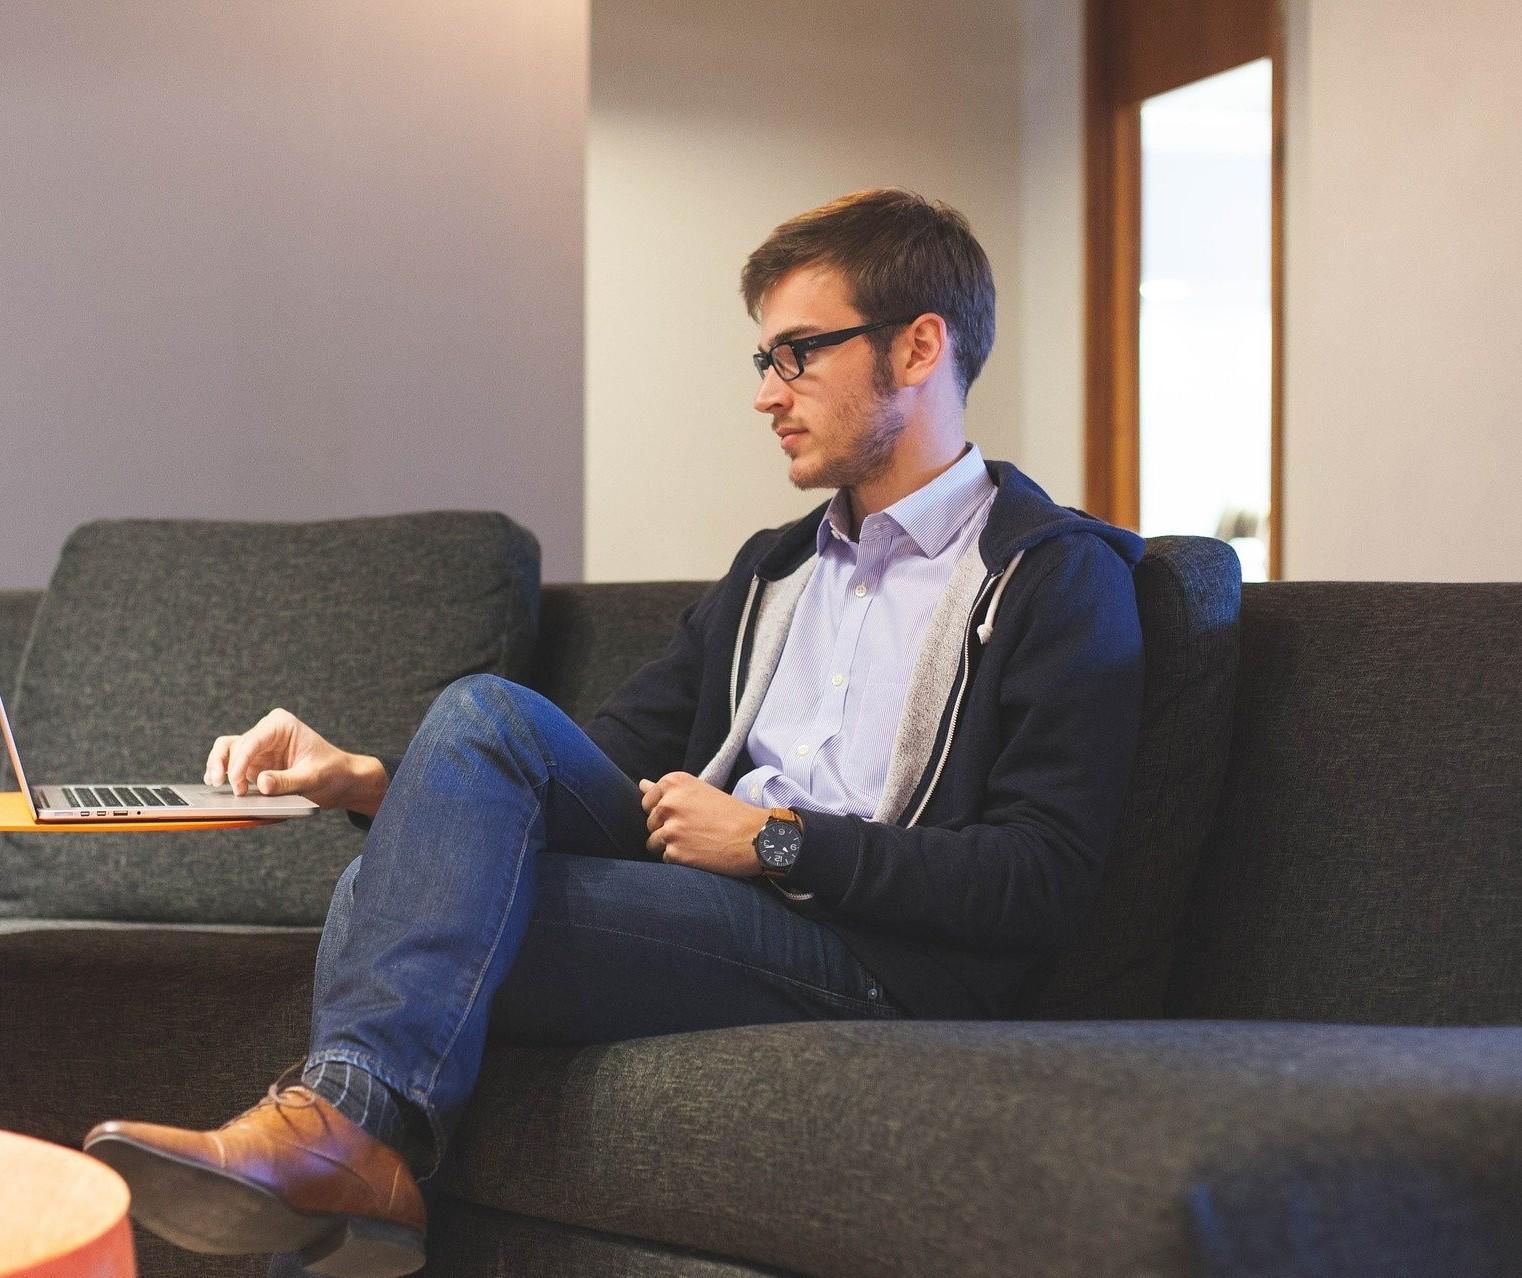 Muitos trabalhadores preferem continuar com o home office à voltar para a empresa